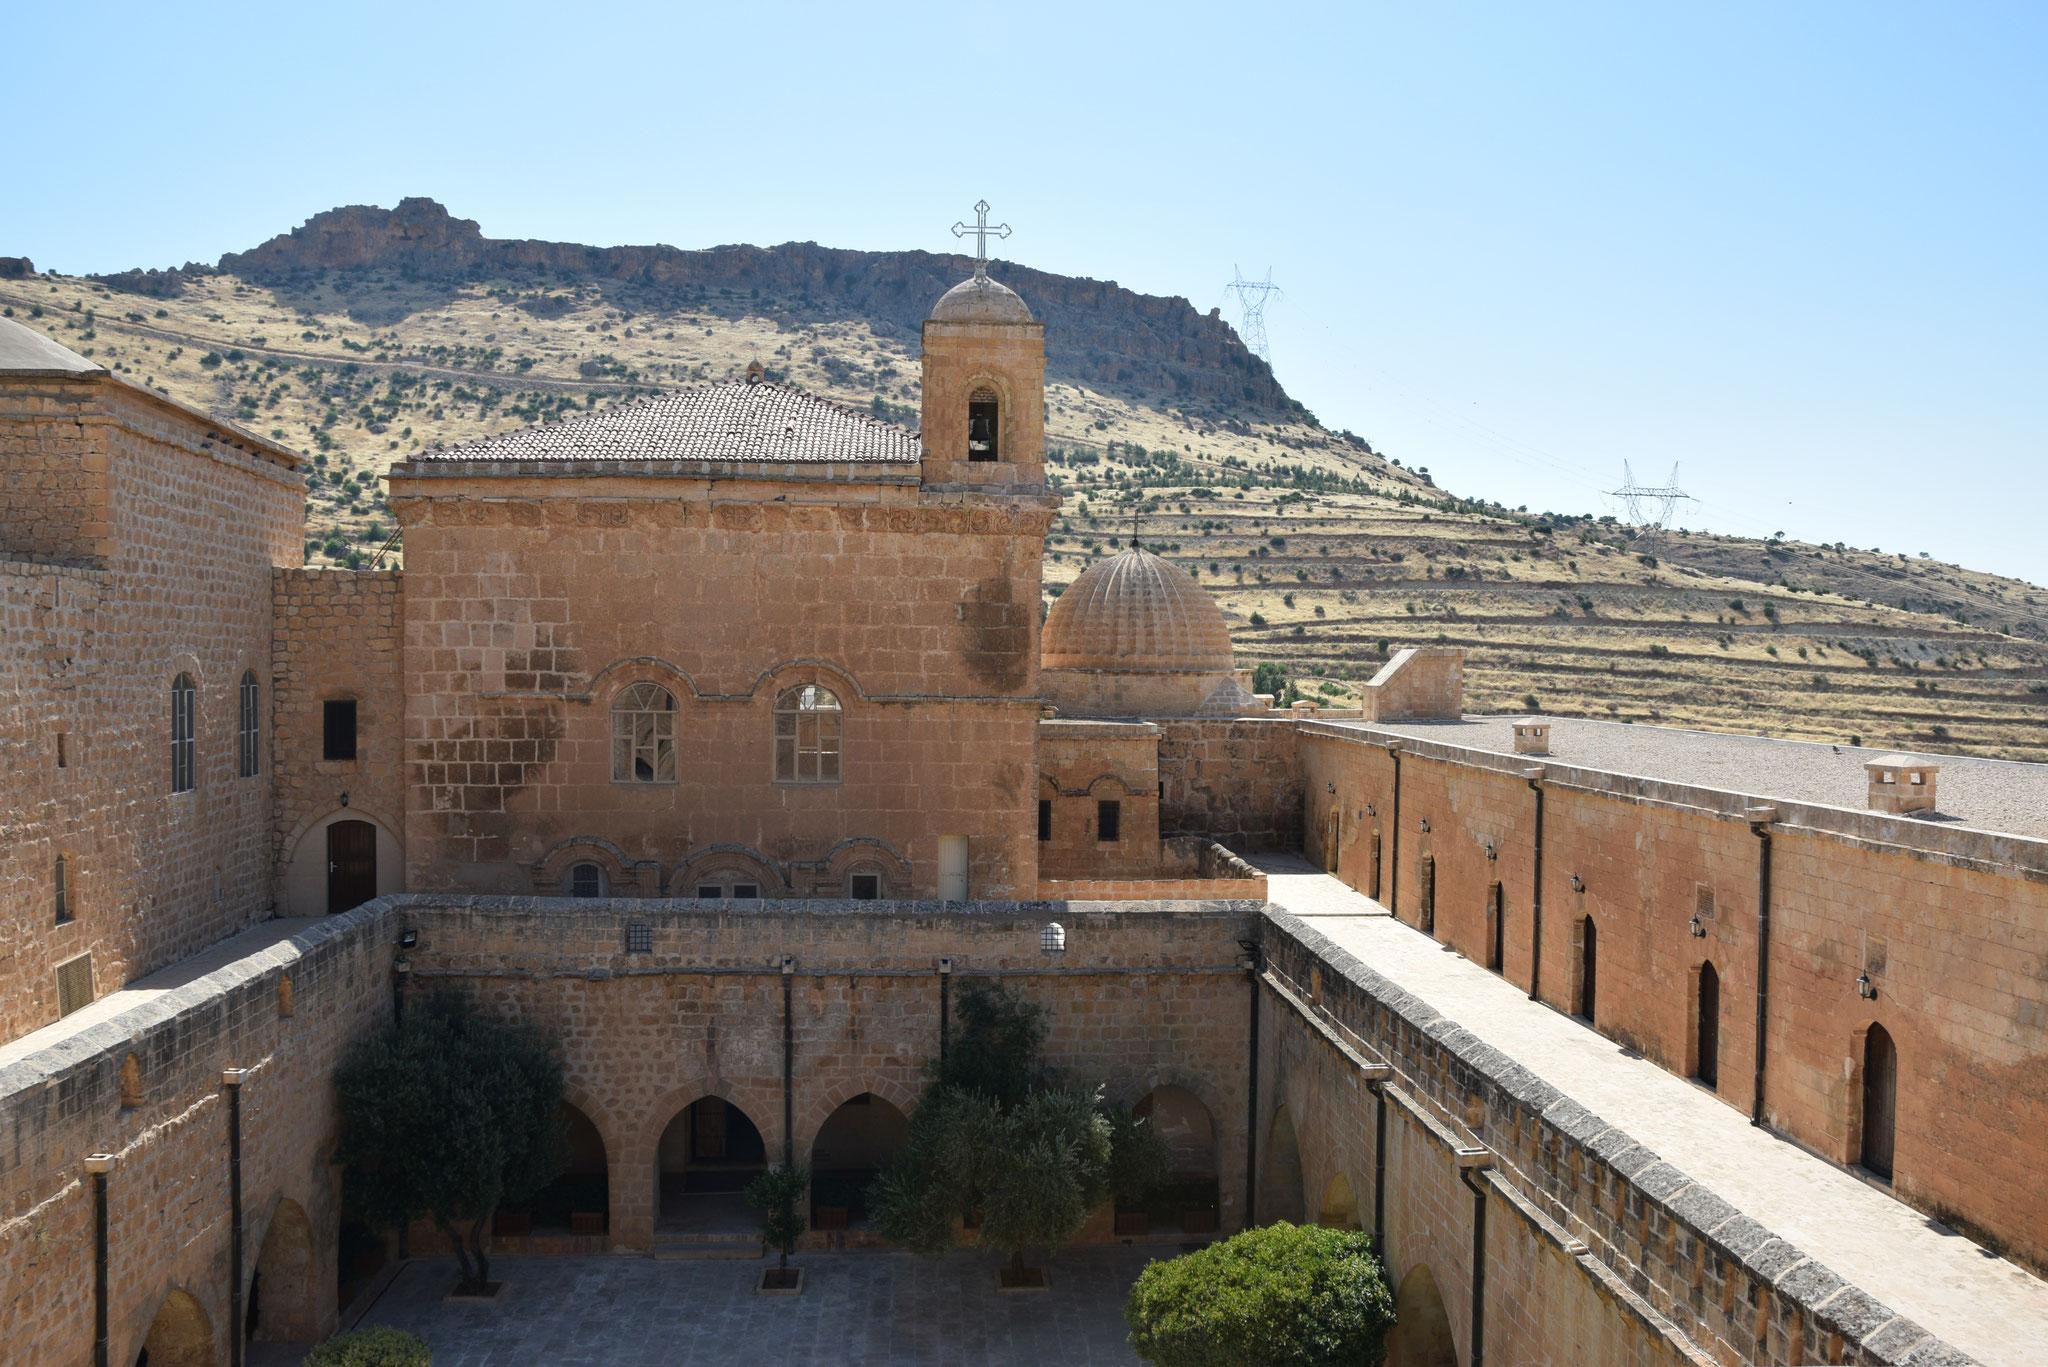 Die teils uralten Klöster des Tur Abdin (hier das Kloster Deyrulzafaran, das auf das 5. Jahrhundert zurückgeht) sind die christlichen Zentren der Region.